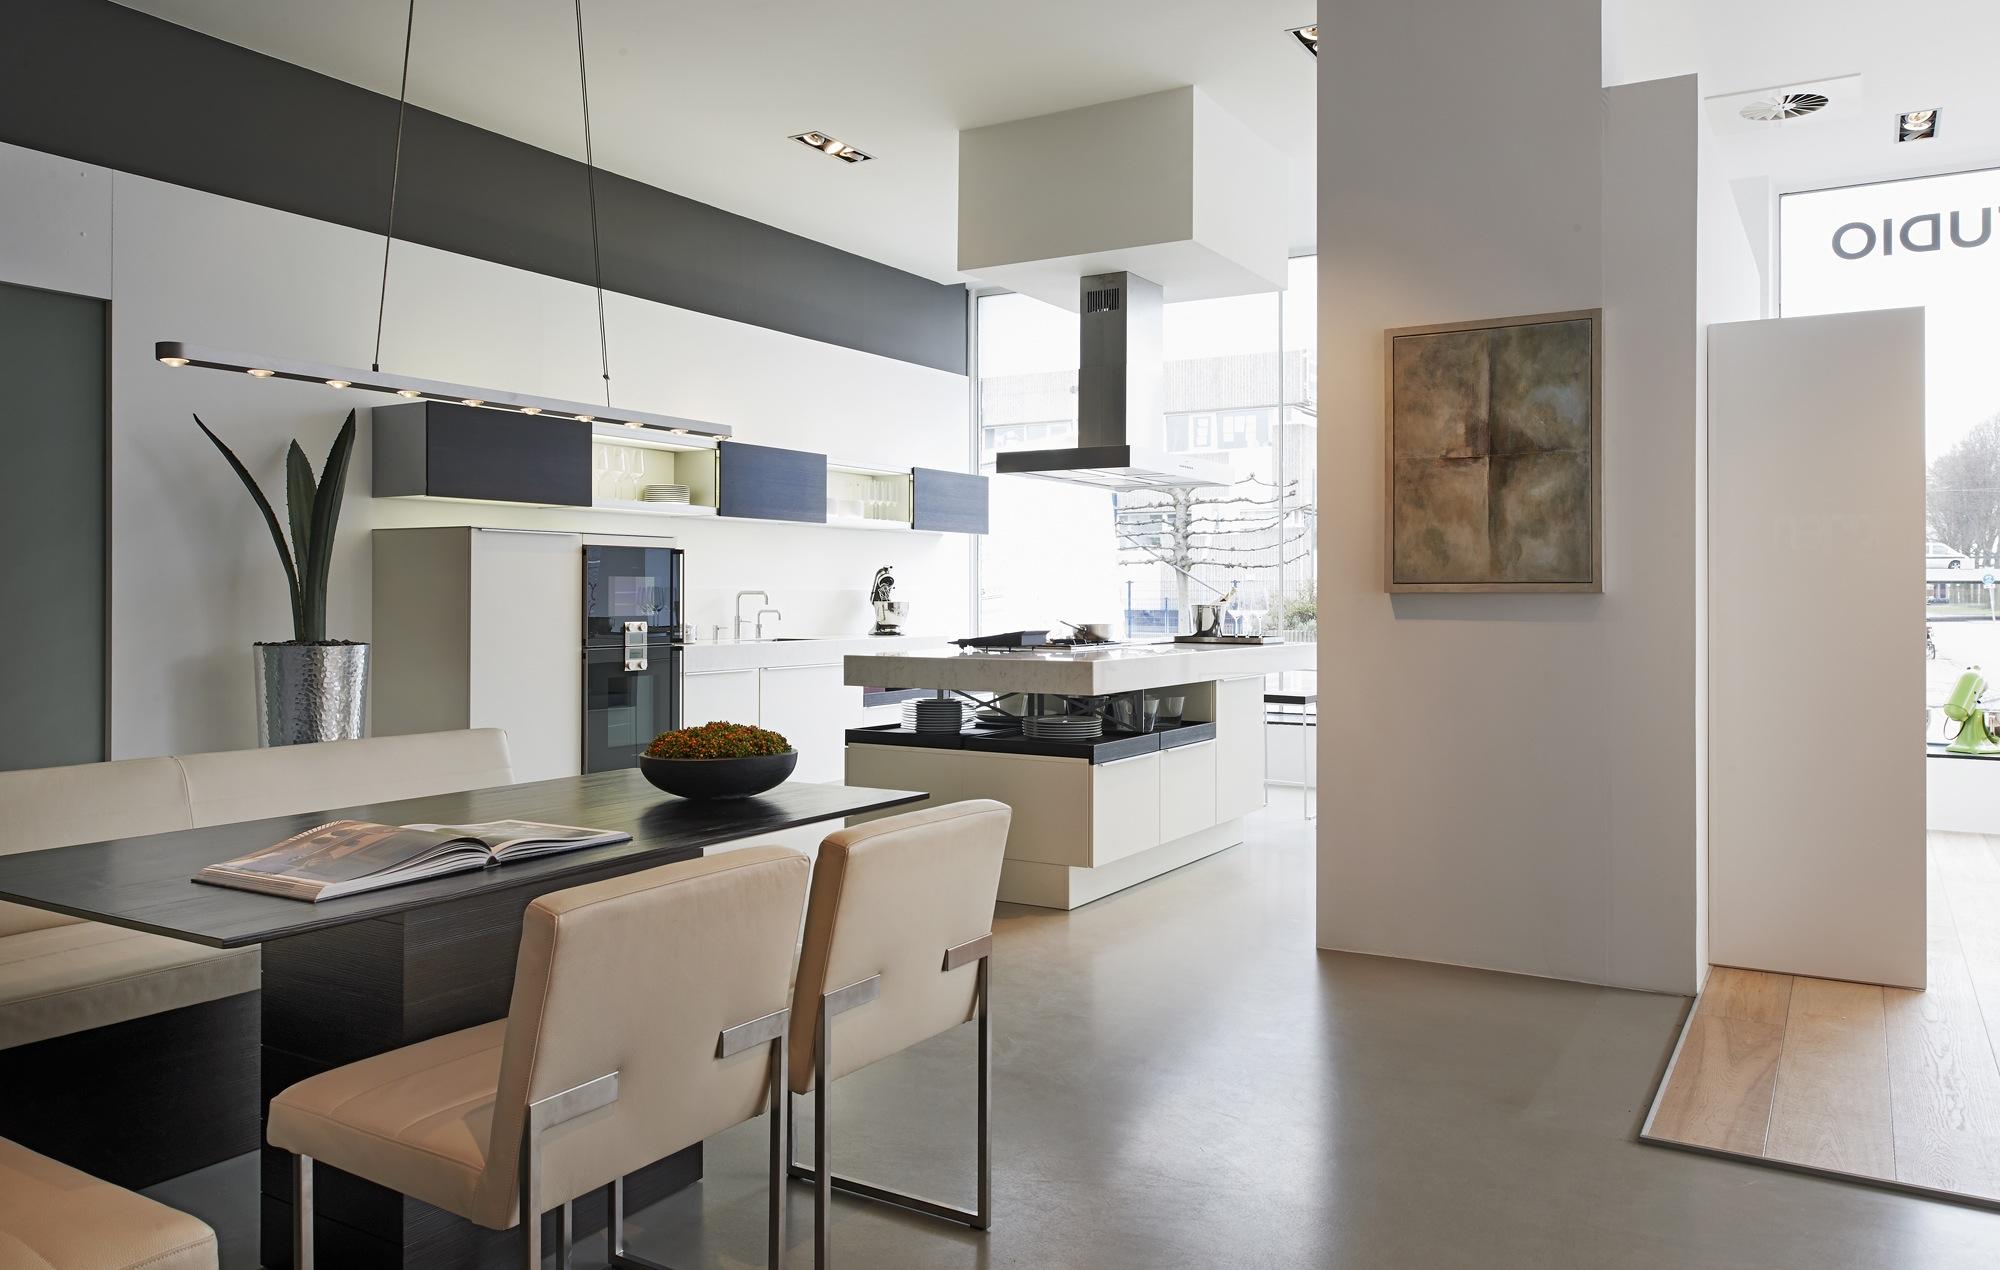 Poggenpohl keuken design studio amsterdam nieuws startpagina voor keuken idee n uw - Mini keuken voor studio ...